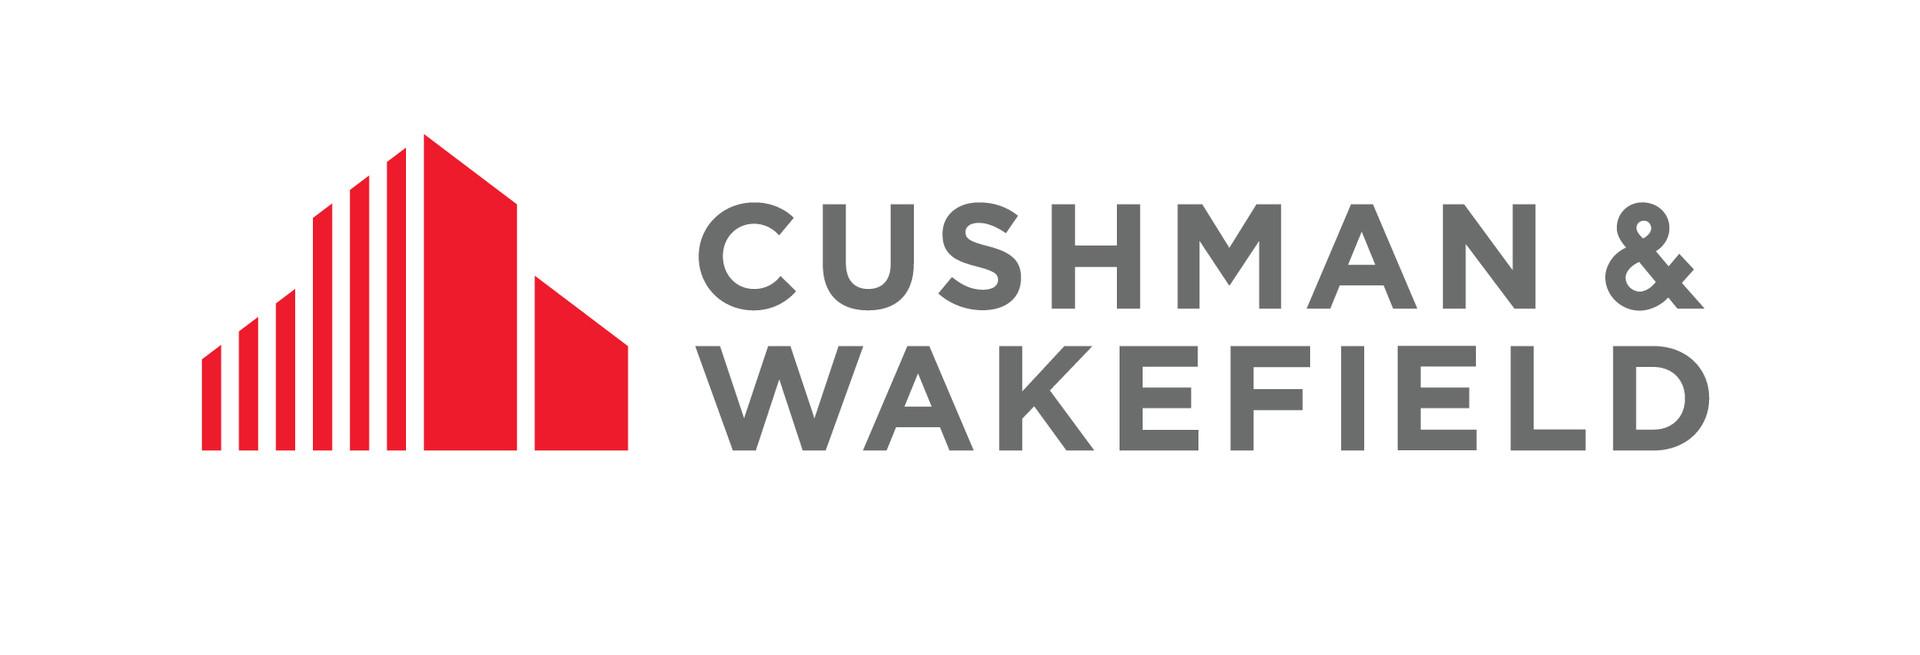 CushWake_Gold.jpg